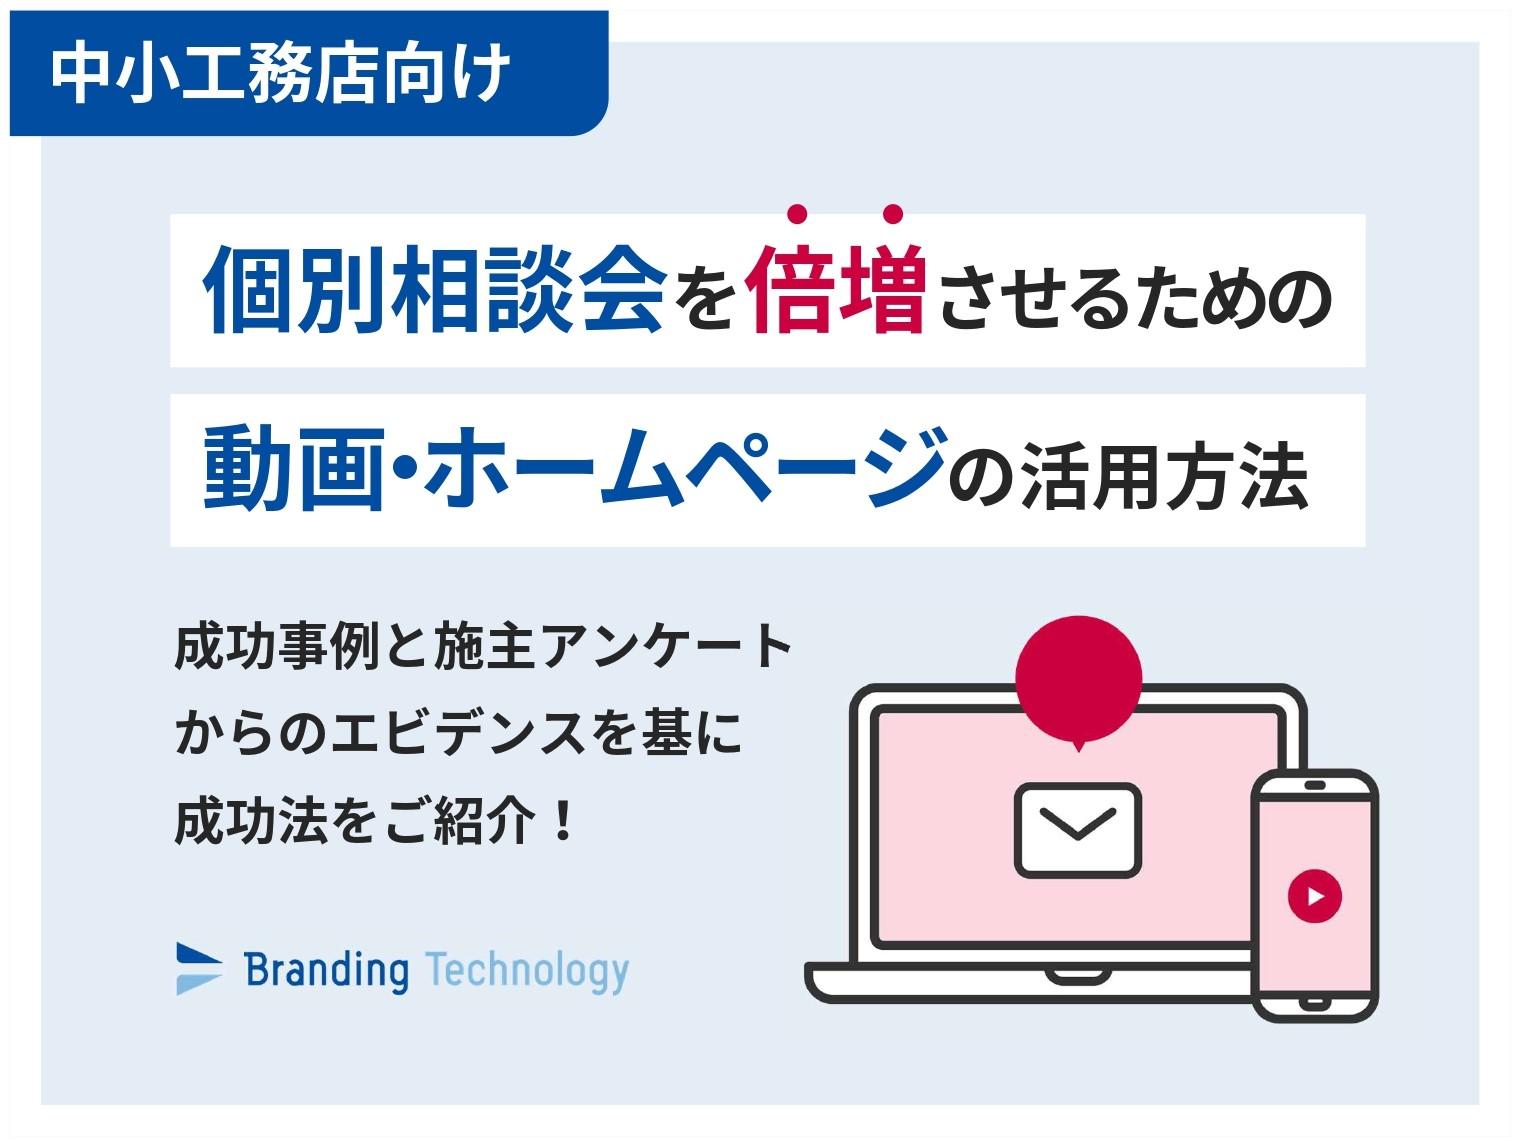 【中小工務店向け】個別相談会を倍増させるための動画・ホームページの活用方法